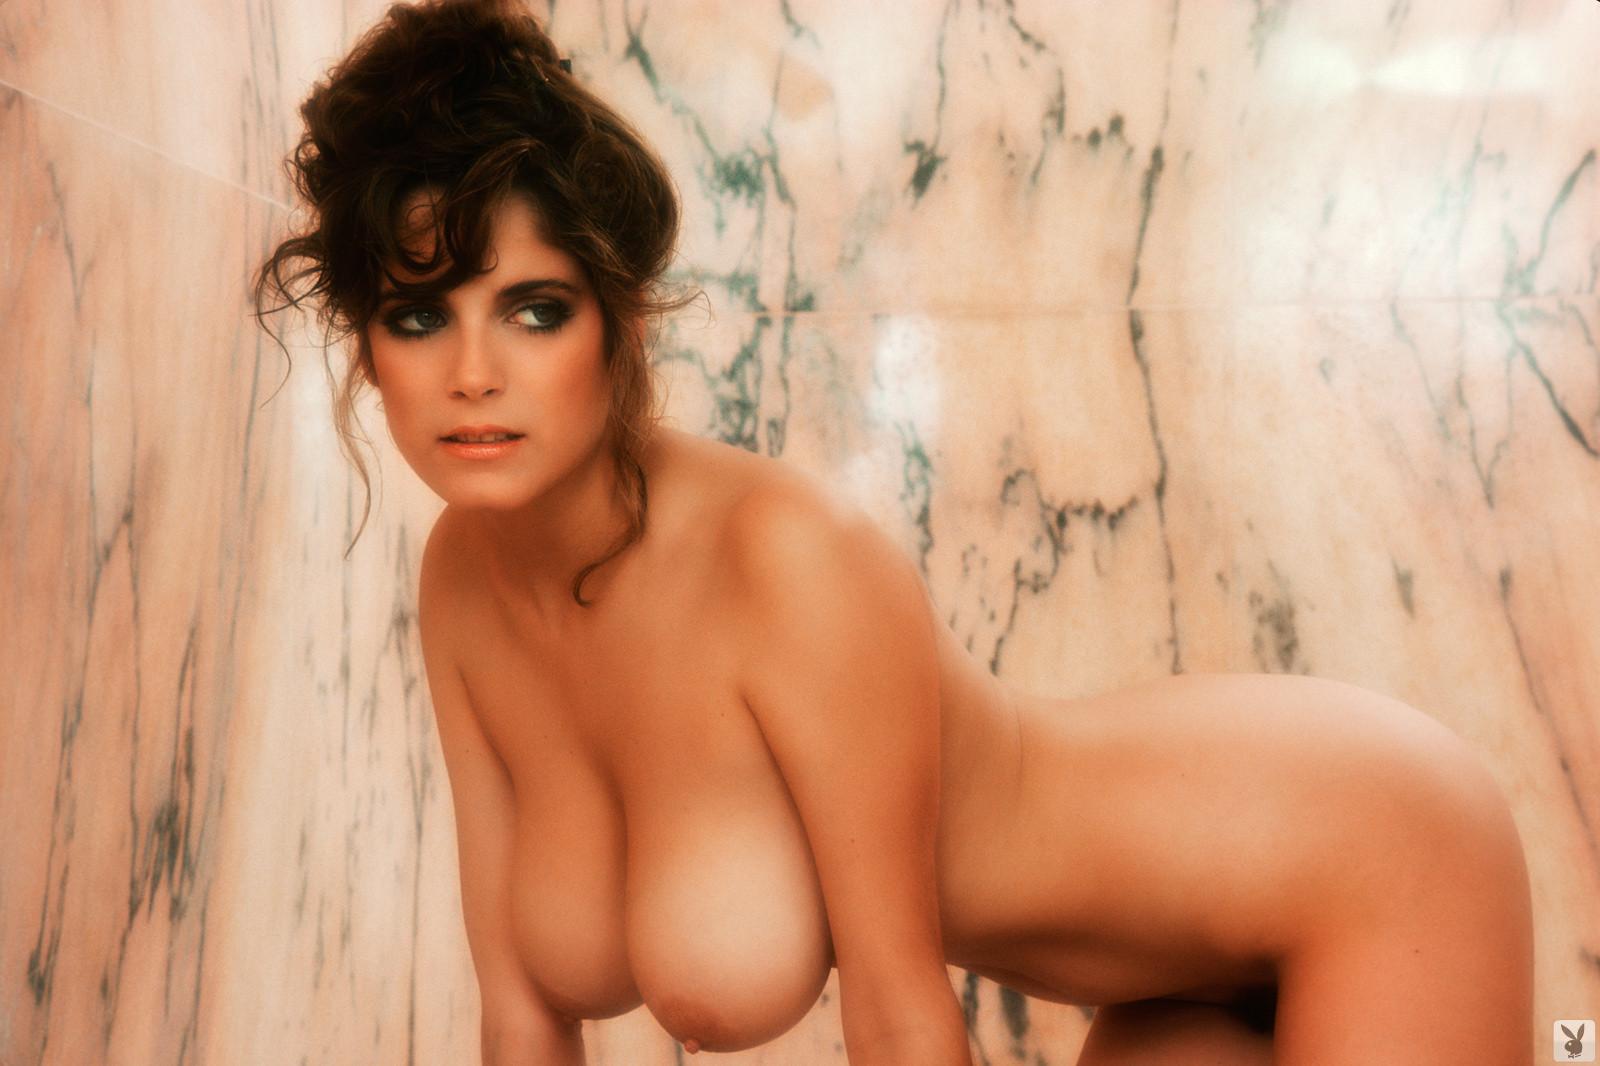 Nude charlotte kemp Cherry Nudes